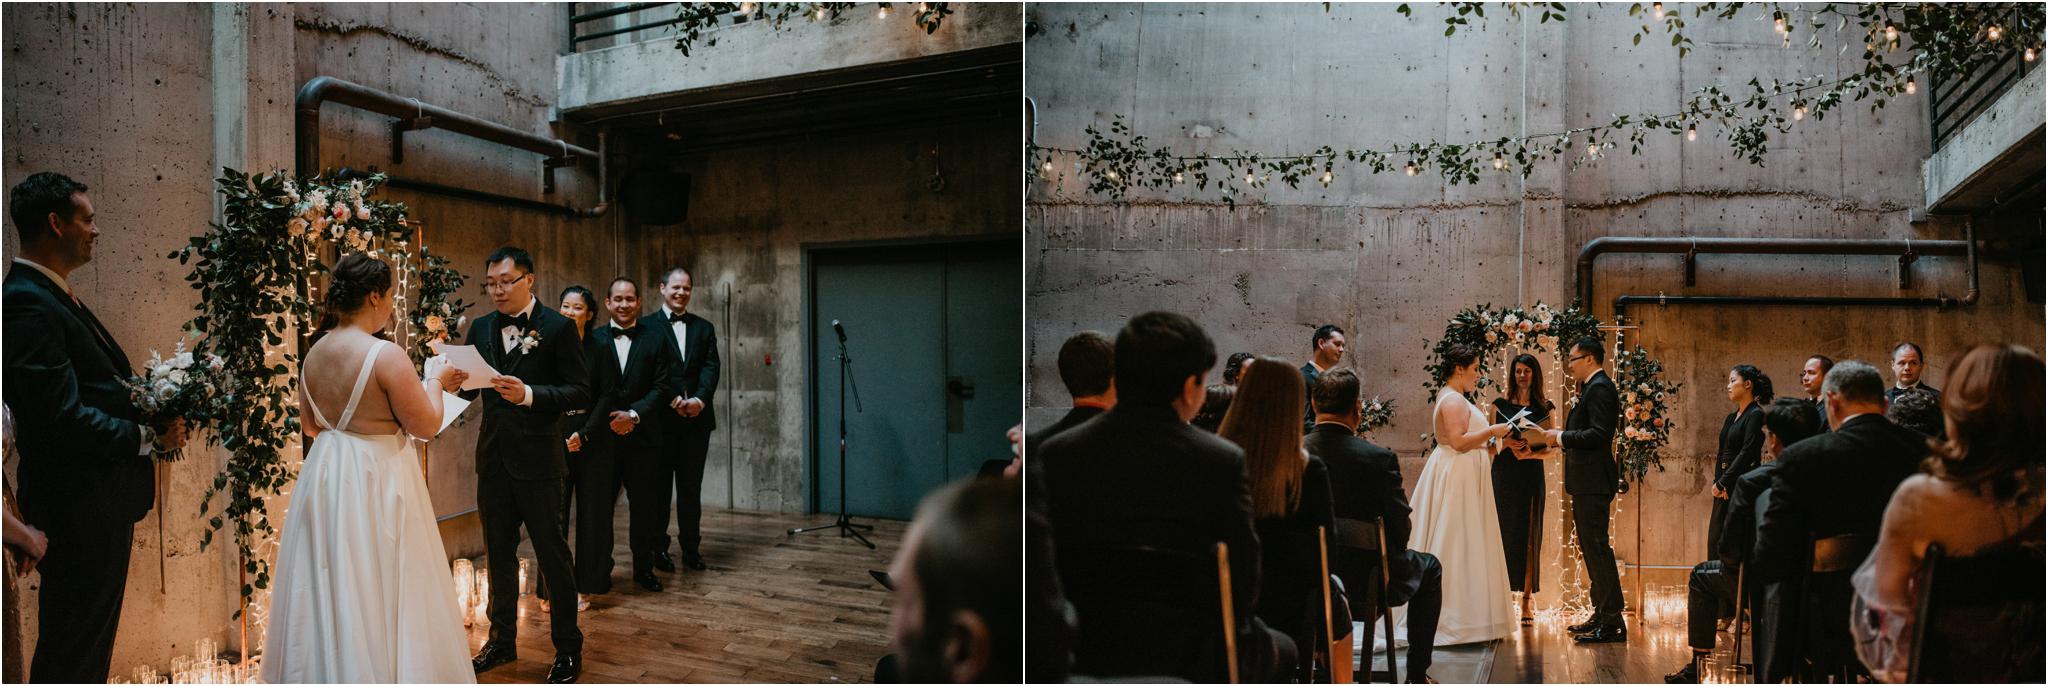 ashley-and-david-fremont-foundry-seattle-washington-wedding-photographer-076.jpg